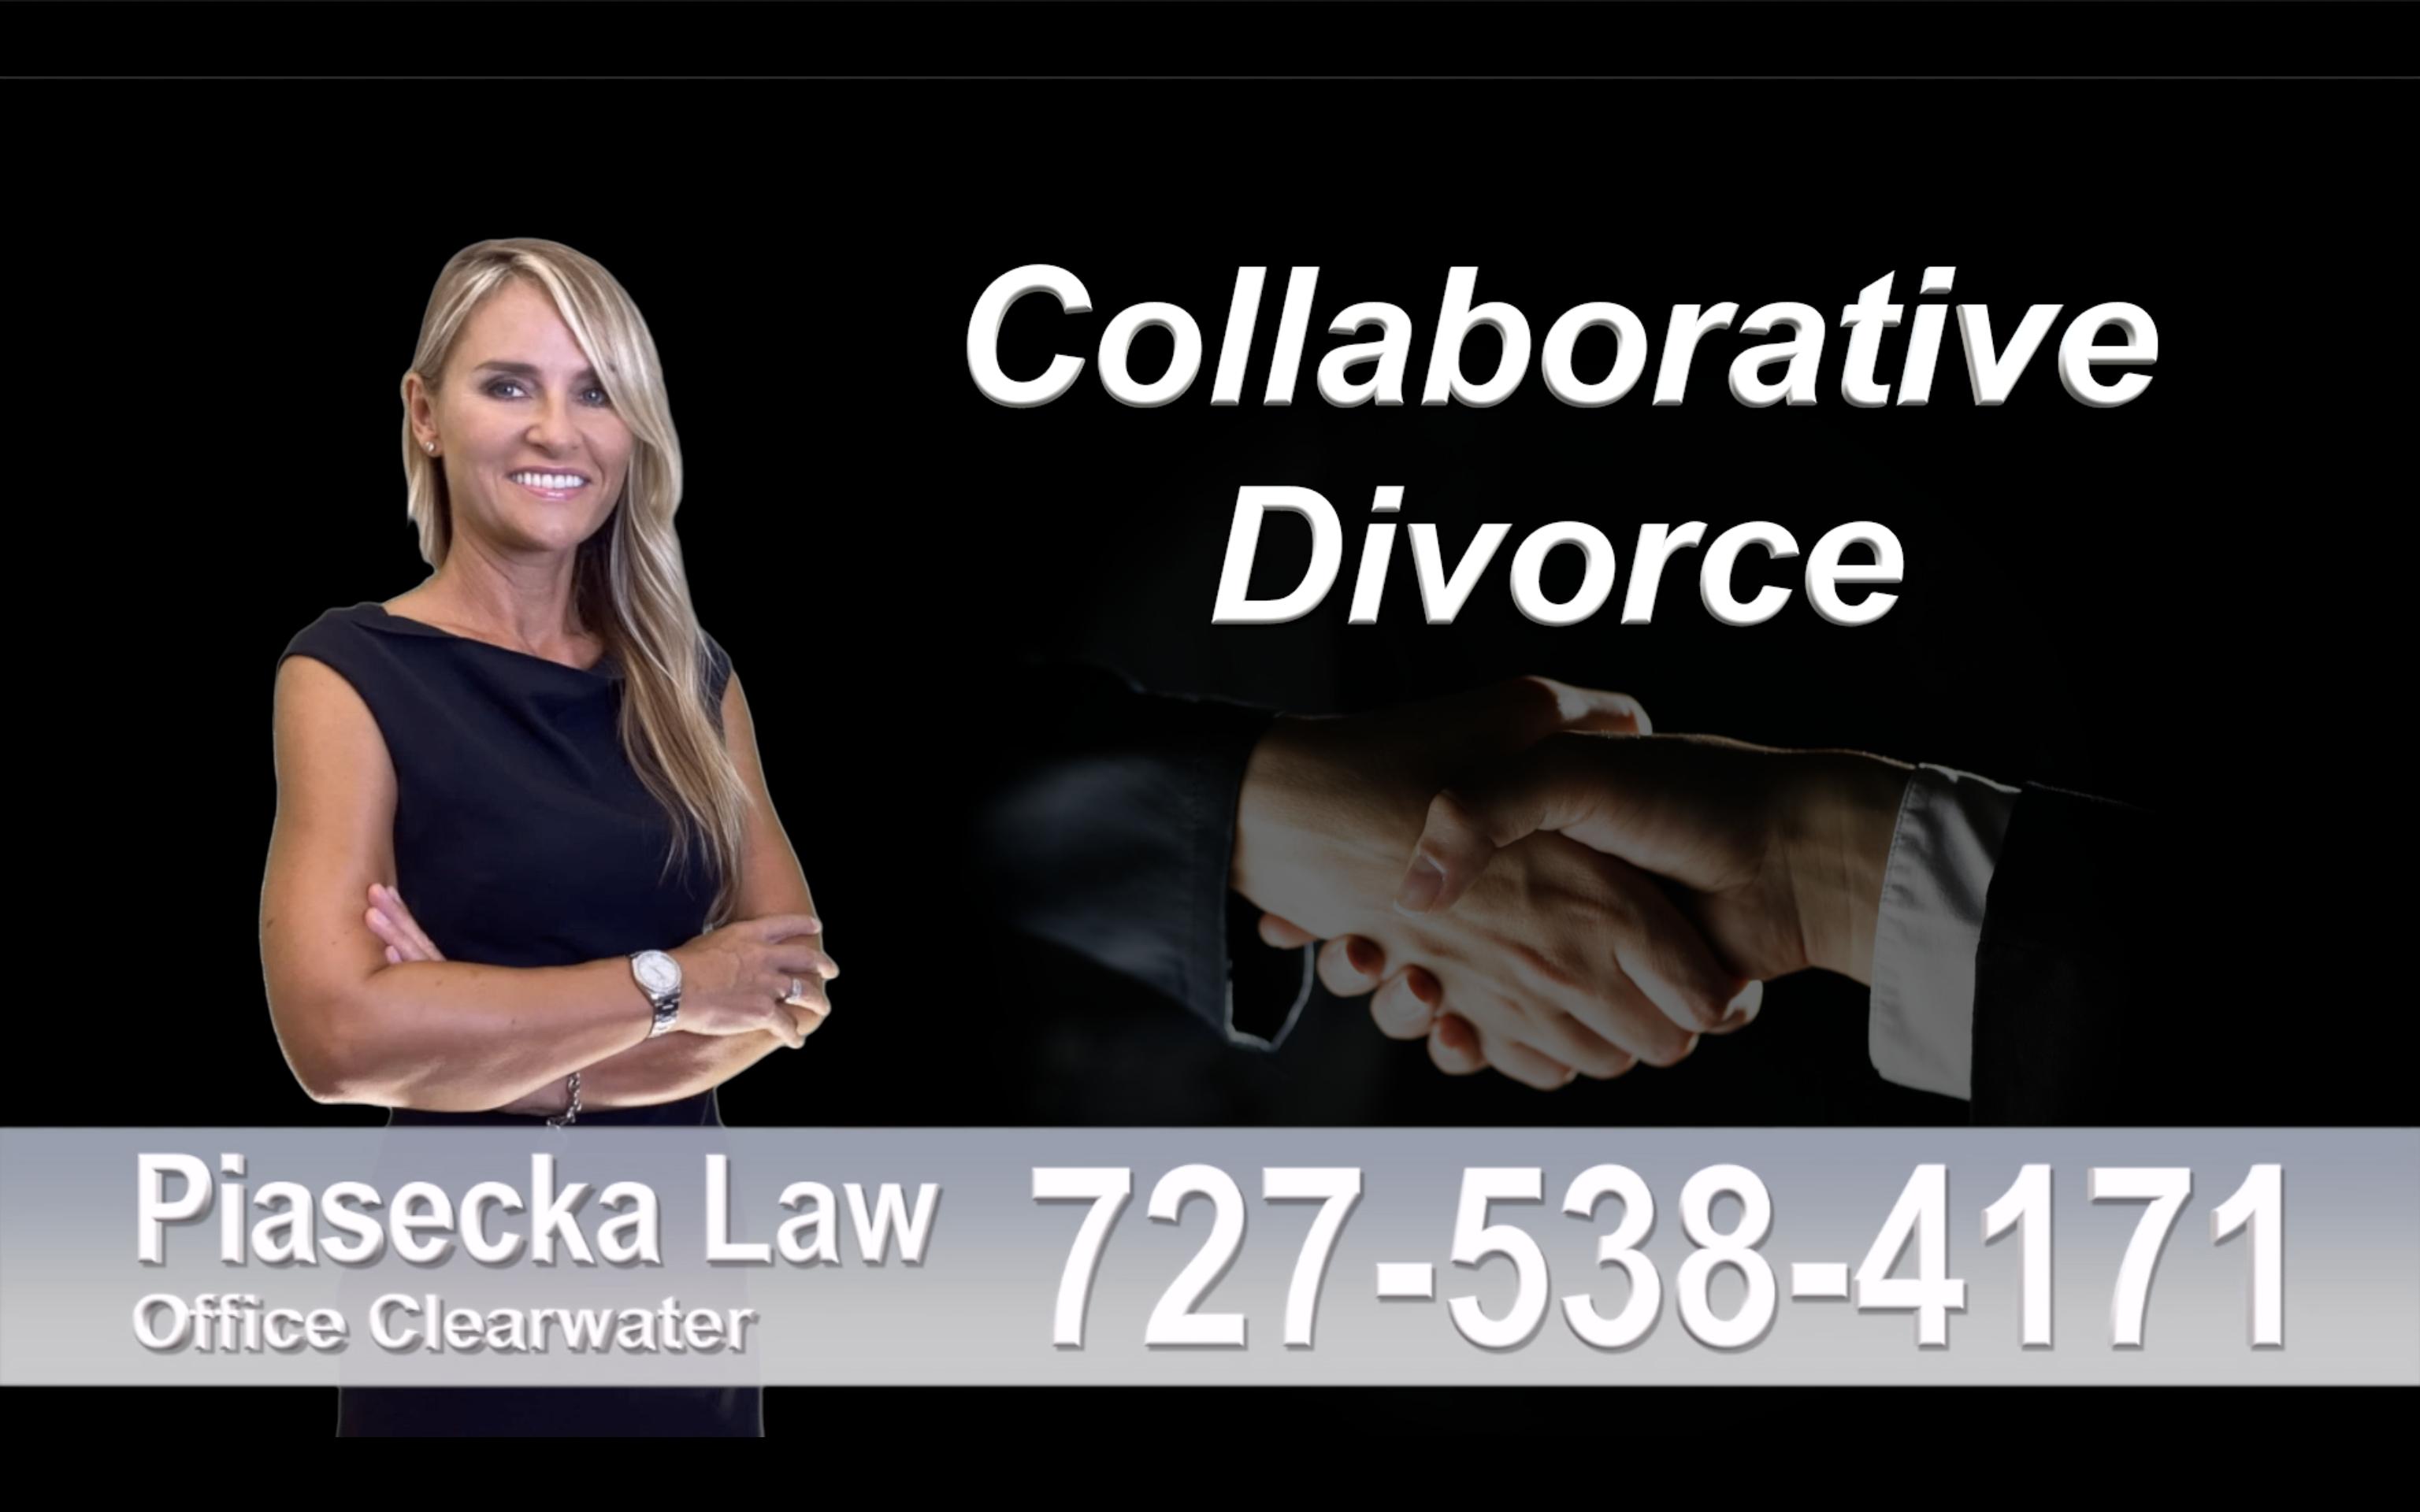 Clearwater Collaborative, Divorce, Attorney, Agnieszka, Piasecka, Prawnik, Rozwodowy, Rozwód, Adwokat, rozwodowy, Najlepszy, Best, Collaborative, Divorce, Attorney, Family